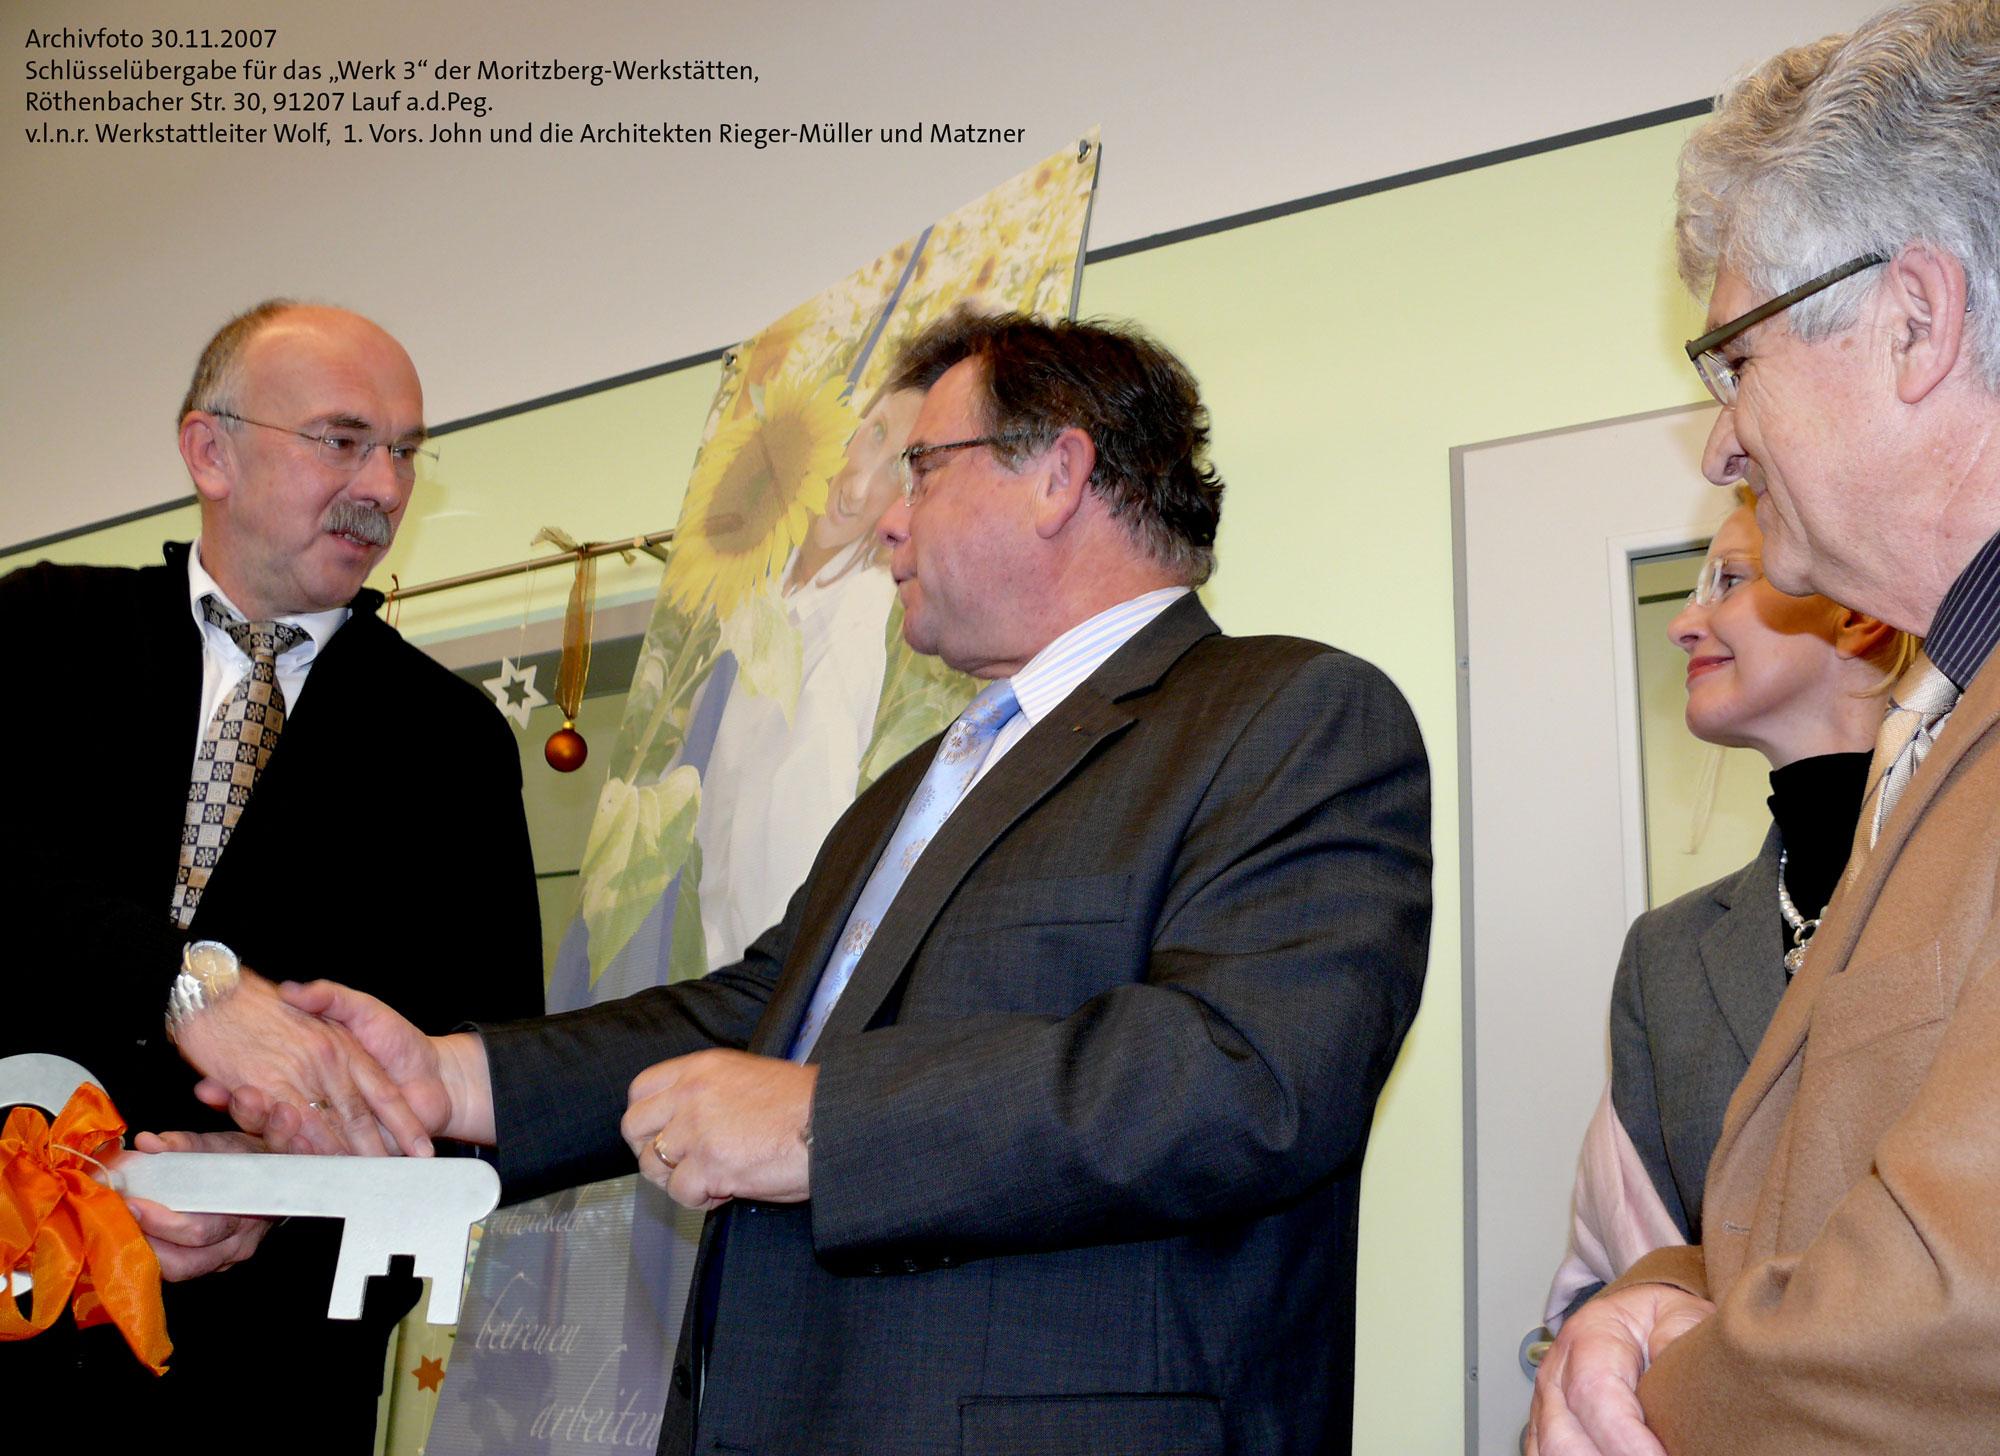 Archivfoto: Am 30.11.2007 überreichte Lebenshilfe-Chef John an Werkstattleiter Wolf die symb. Schlüssel für das Werk 3 der Moritzberg-Werkstätten.